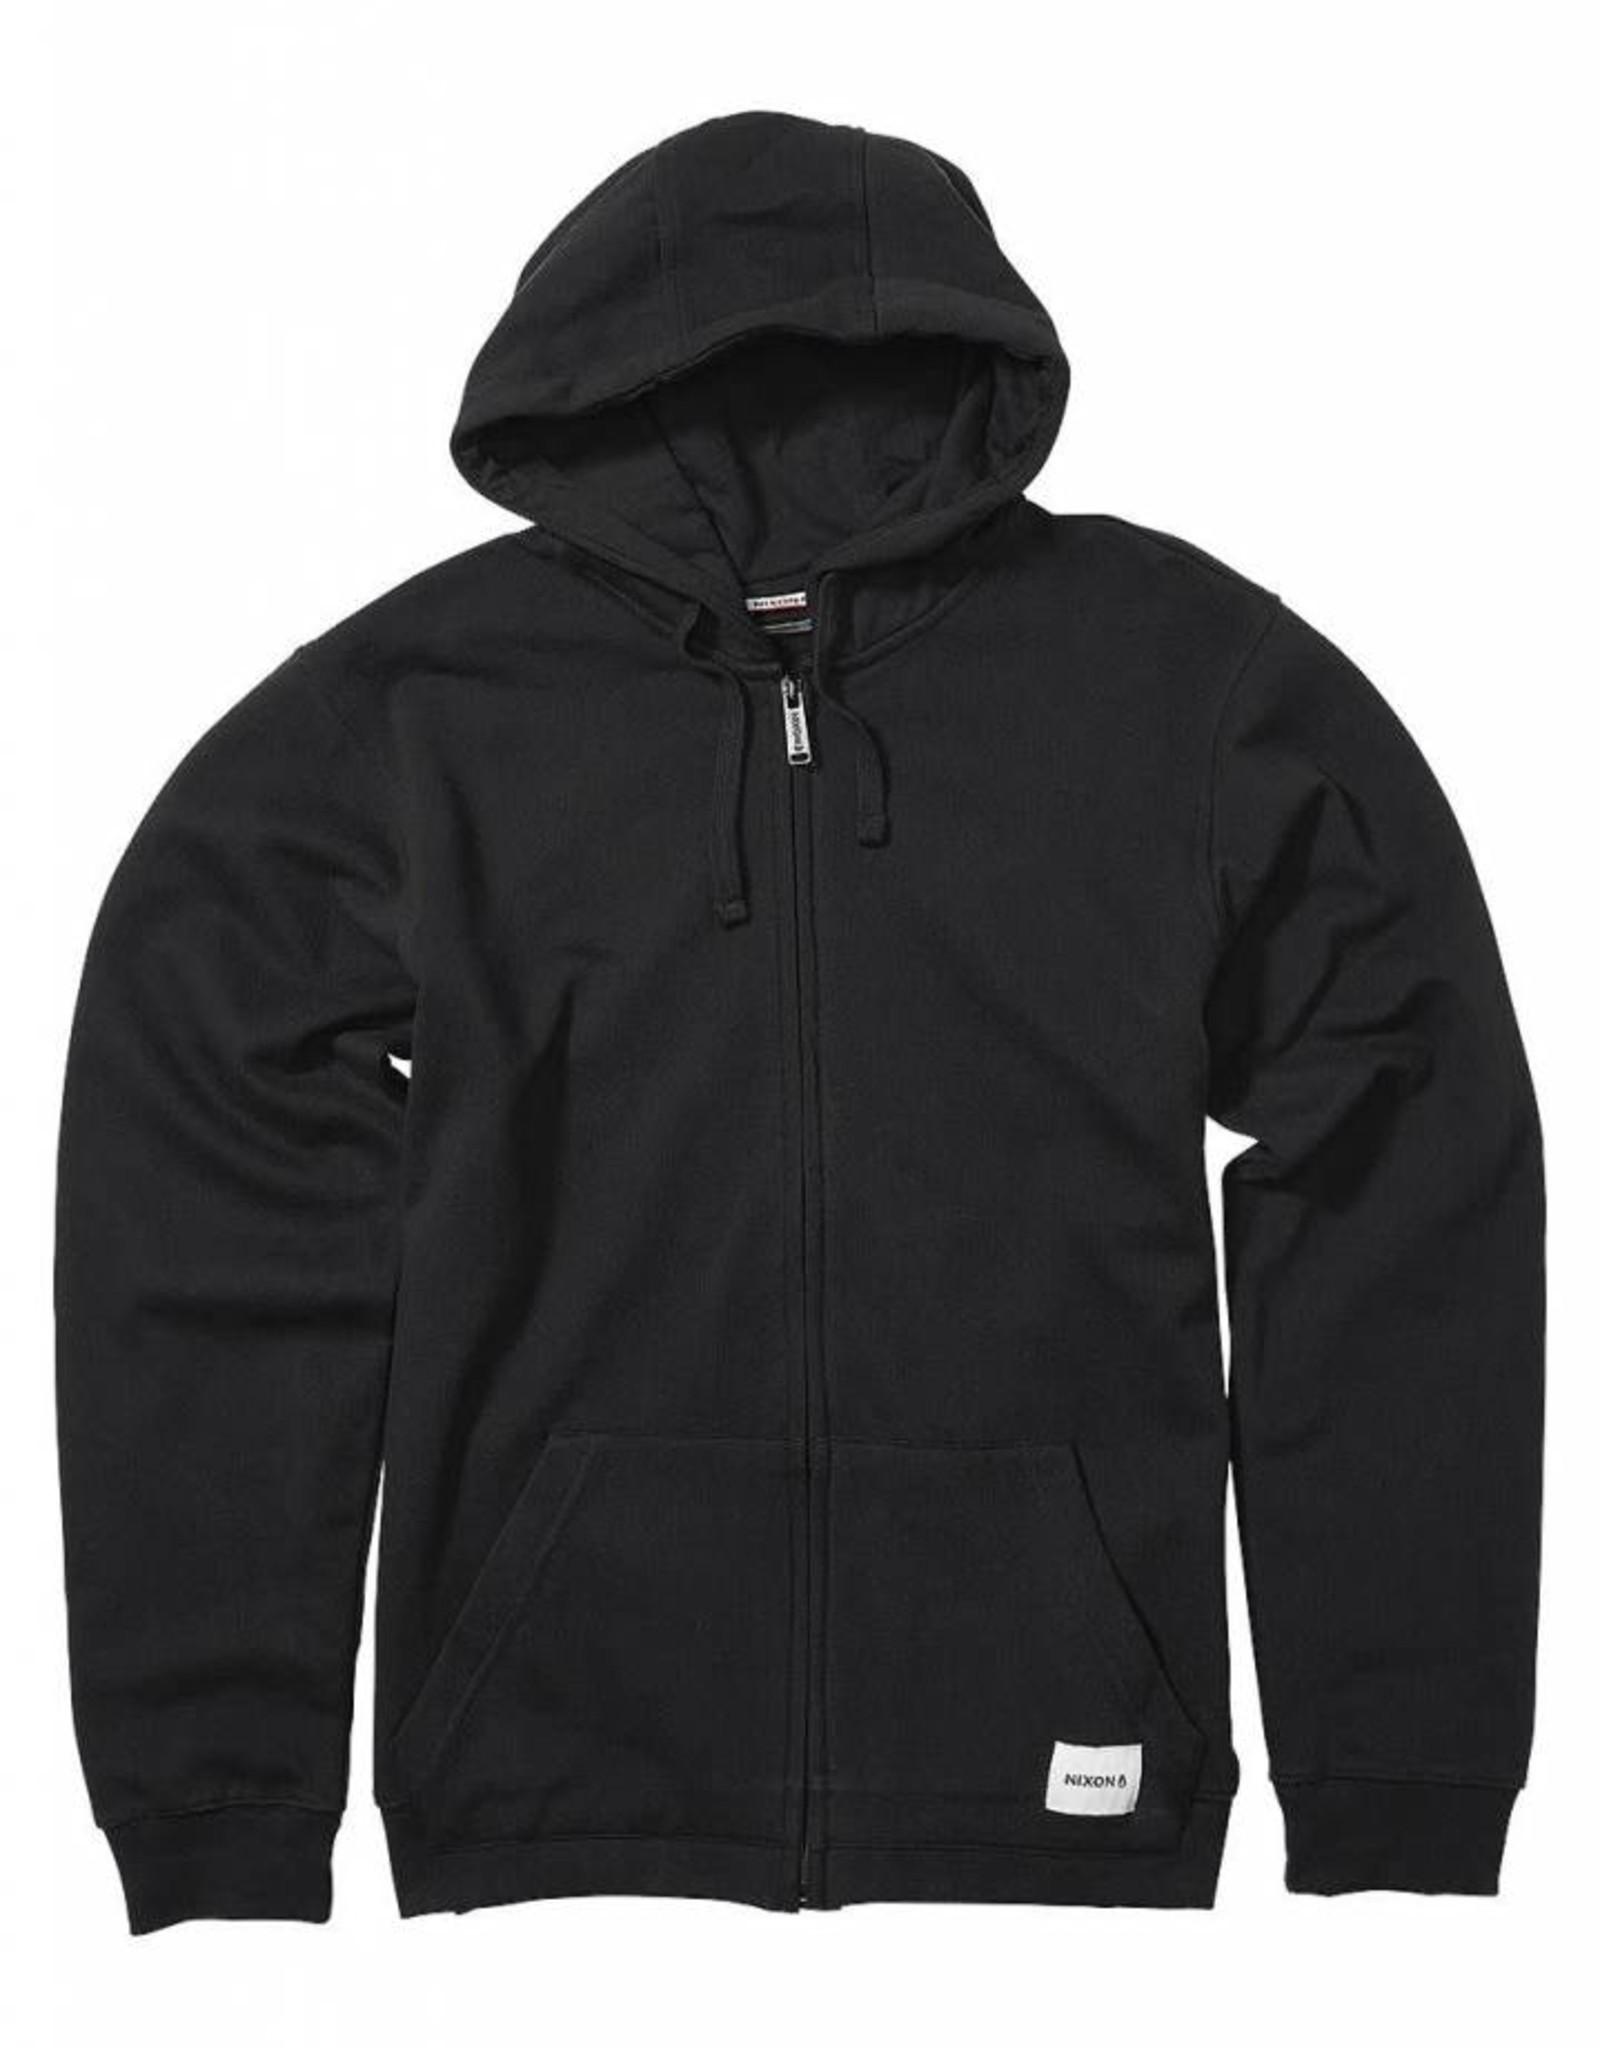 NIXON Steel full zip hoodie